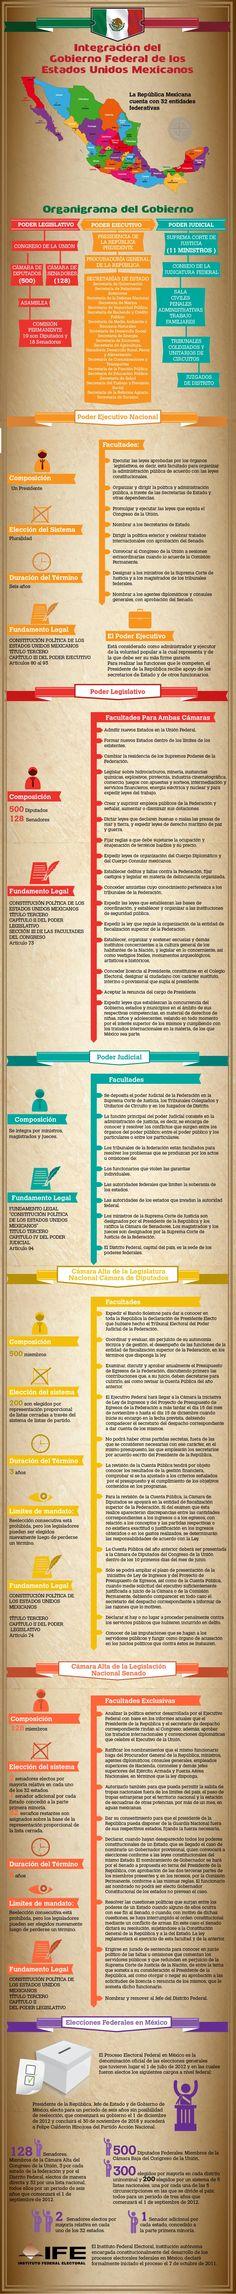 ¿Cómo esta estructurado el Gobierno Federal? #Mexico #infografia #infographics